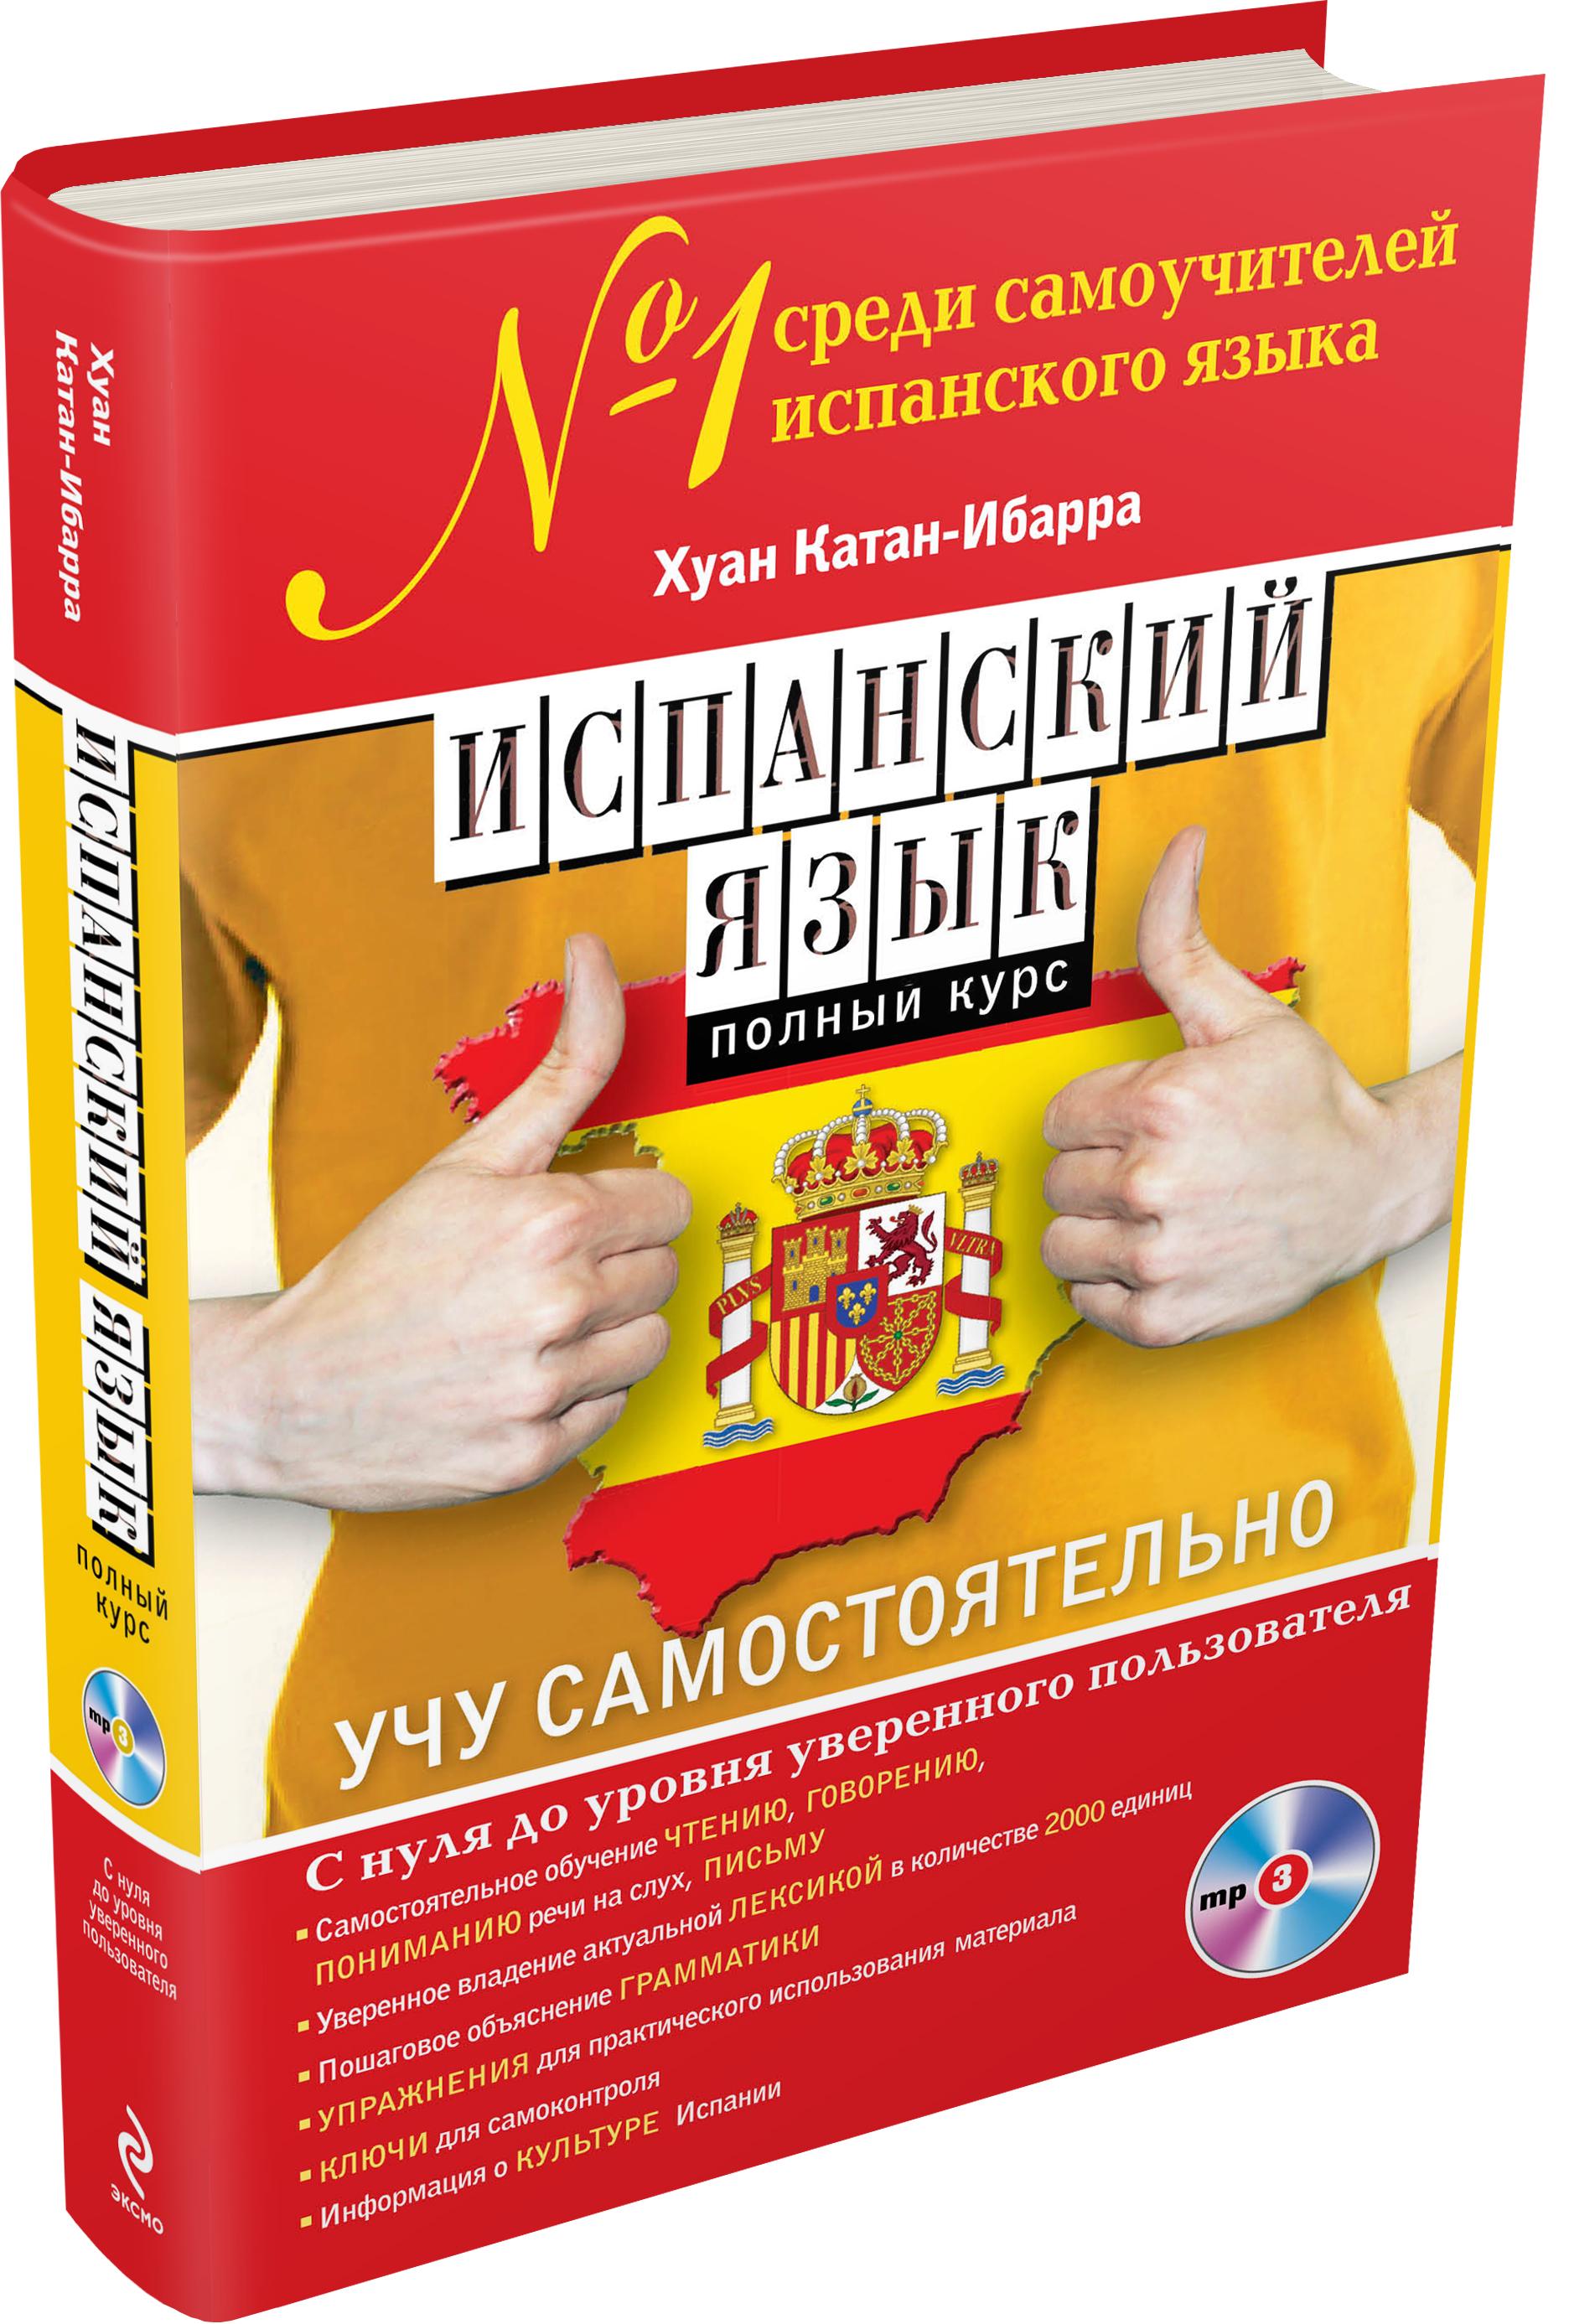 Испанский язык. Полный курс. Учу самостоятельно (+CD) ( Катан-Ибарра Х.  )